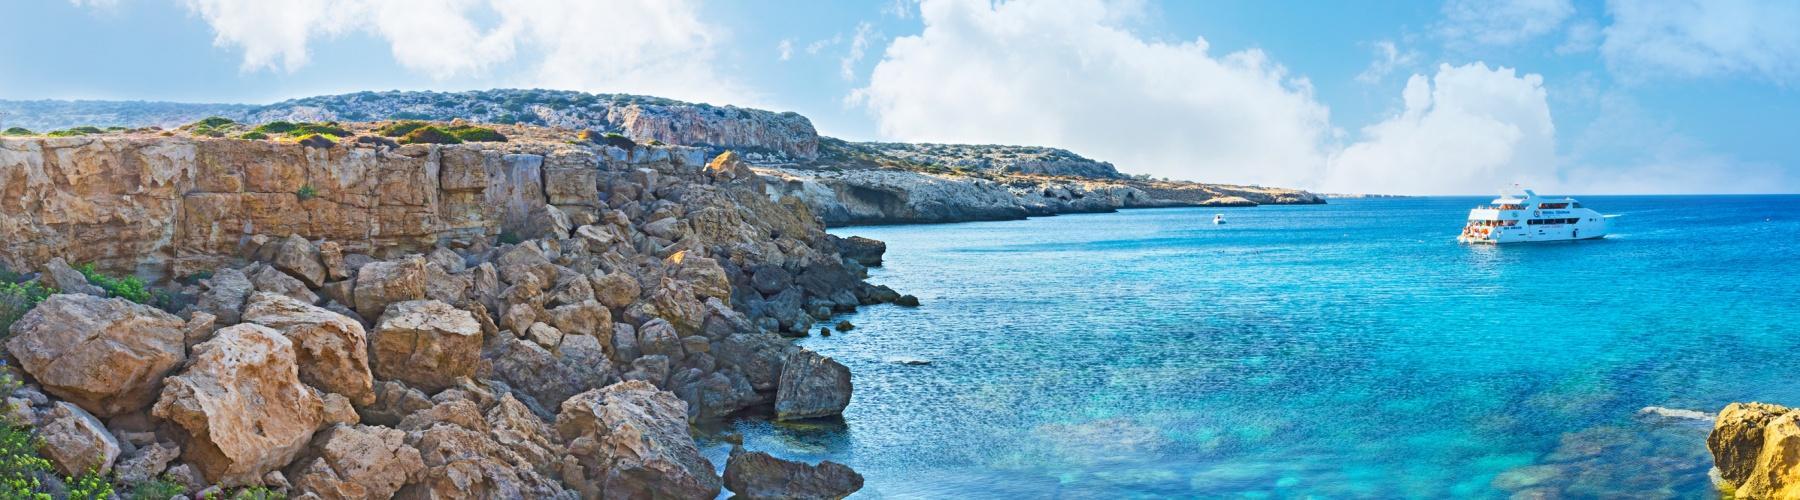 С вершин массивных скал открывается завораживающий панорамный вид на море